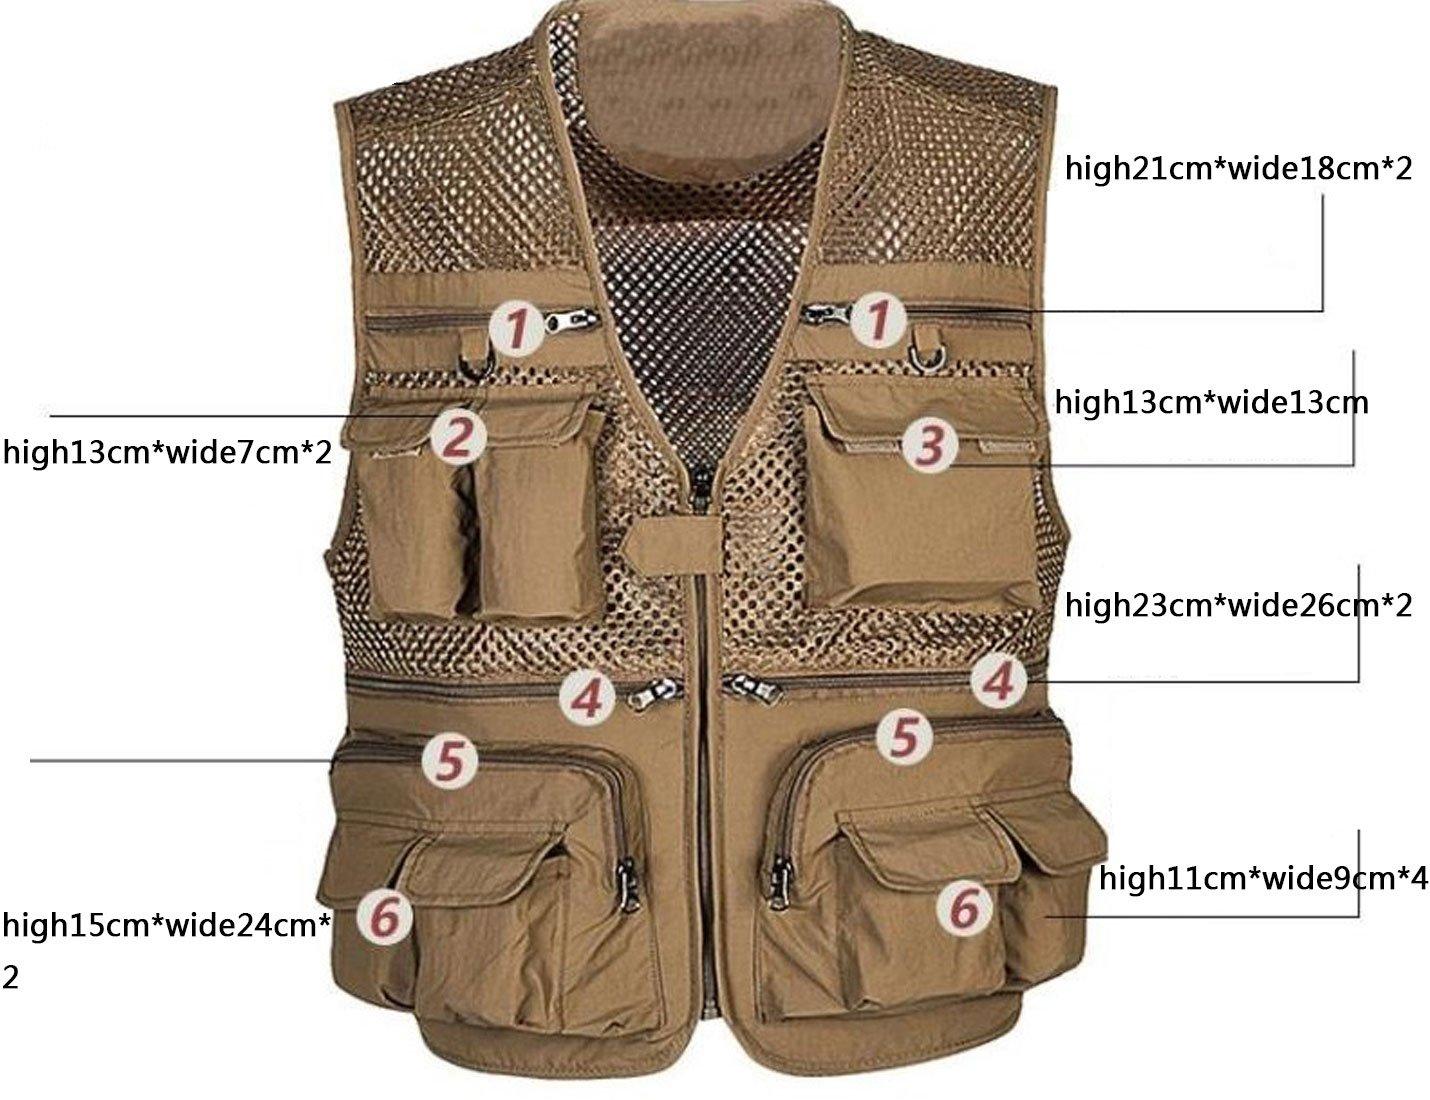 Zhusheng Men's Mesh 16 Pockets Photography Fishing Travel Outdoor Quick Dry Vest Breathable Waistcoat Jackets (XX-Large, Light Khaki) by Zhusheng (Image #3)